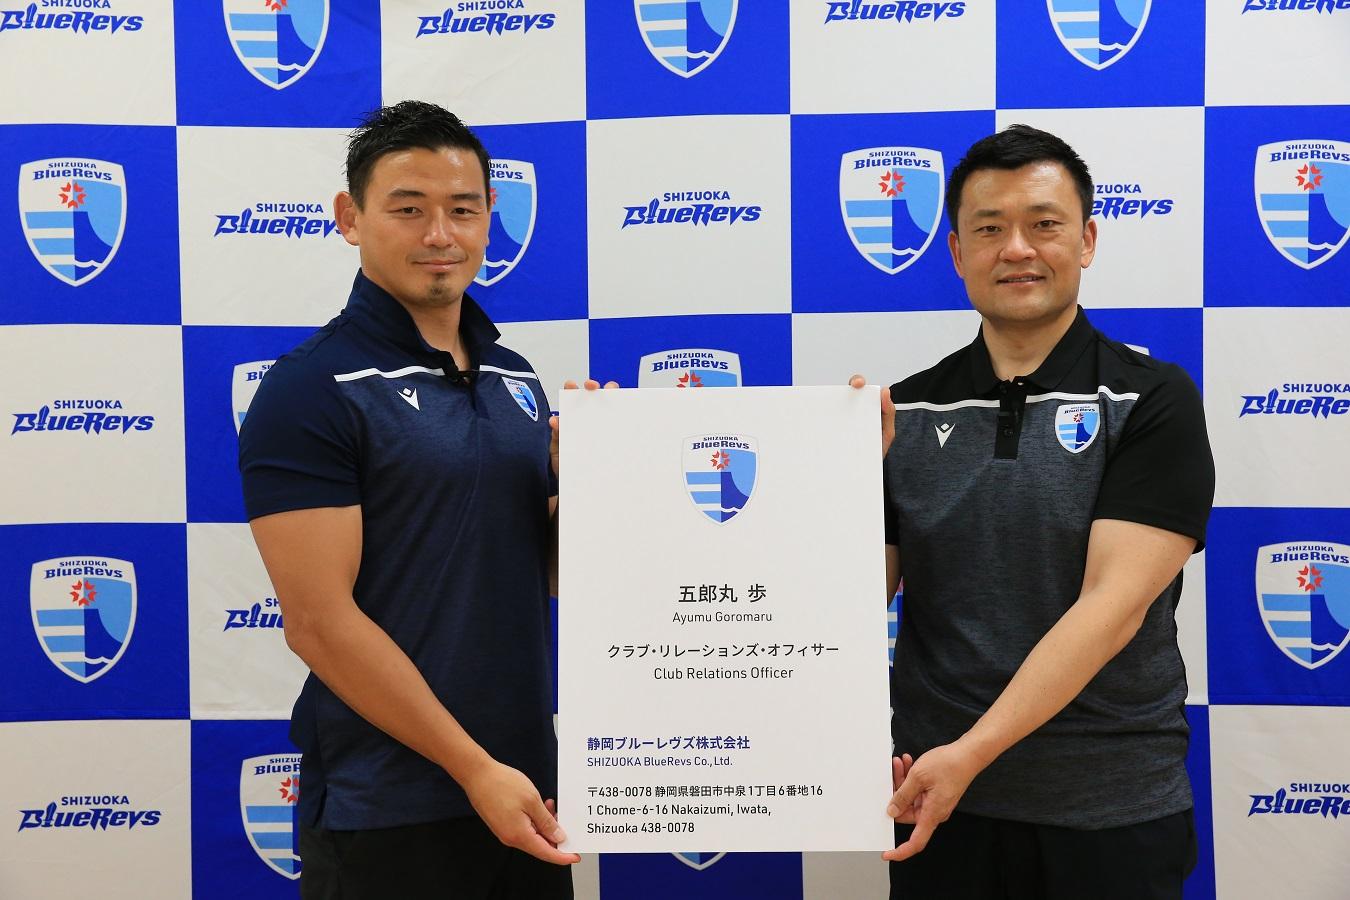 五郎丸氏は静岡ブルーレヴズのクラブ・リレーションズ・オフィサーに就任。ファンや地域、スポンサーをつなぐ。